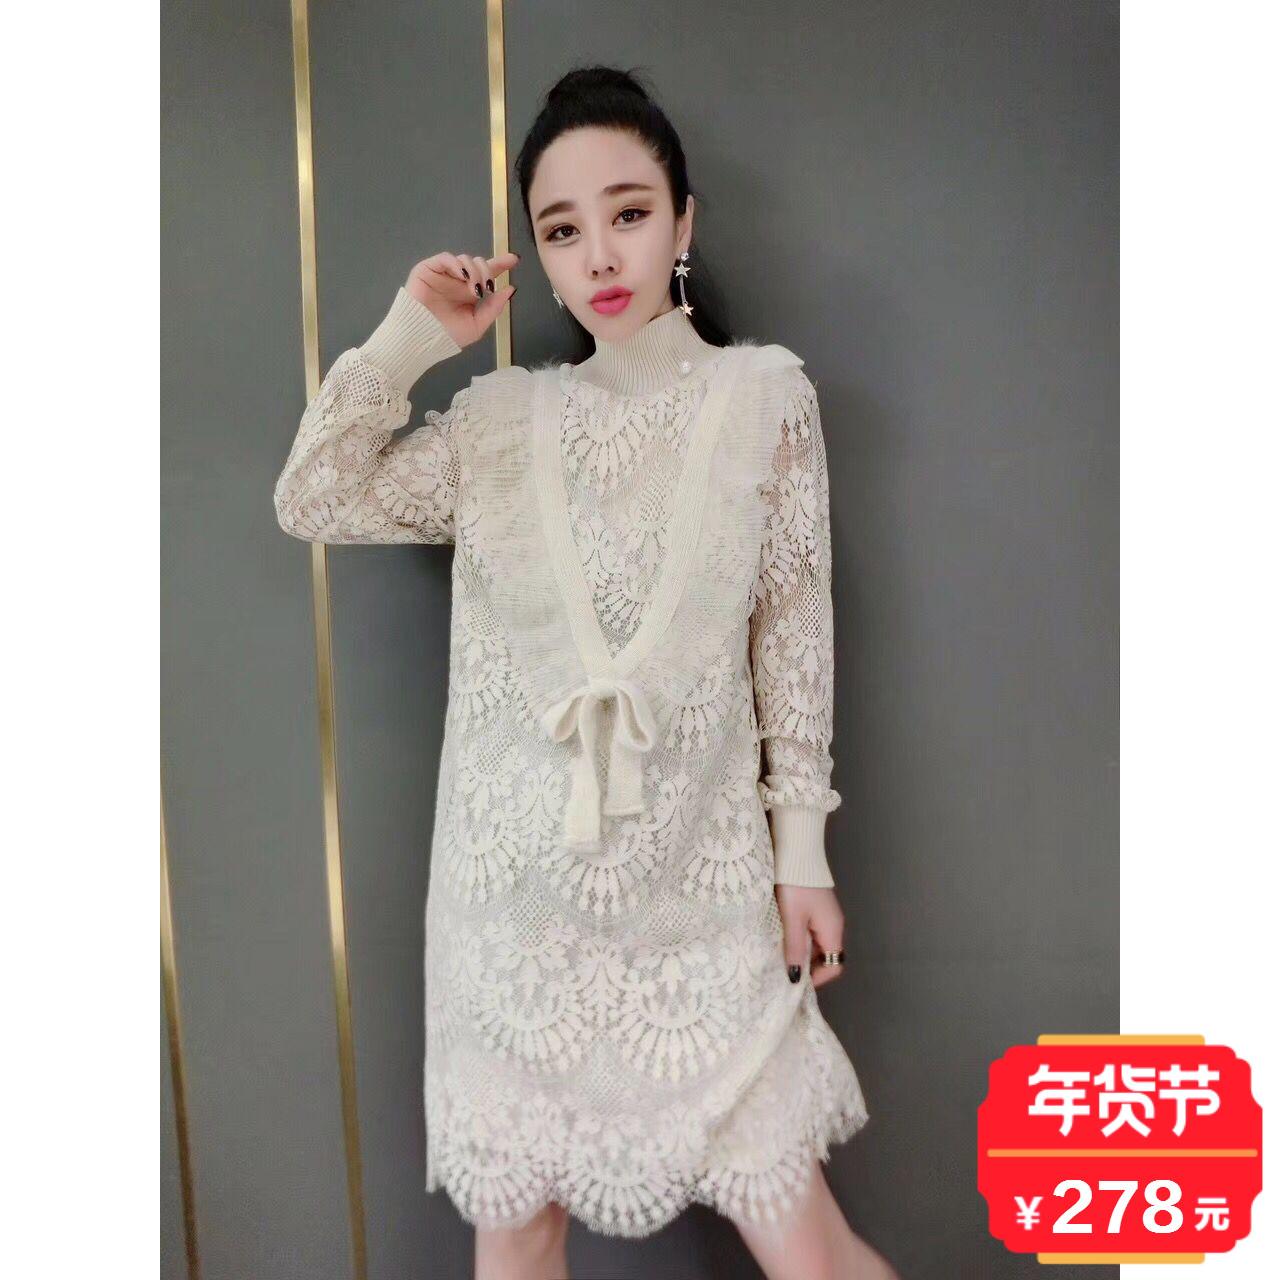 艾黎牌子的长袖连衣裙价钱算贵吗?有没有优惠券